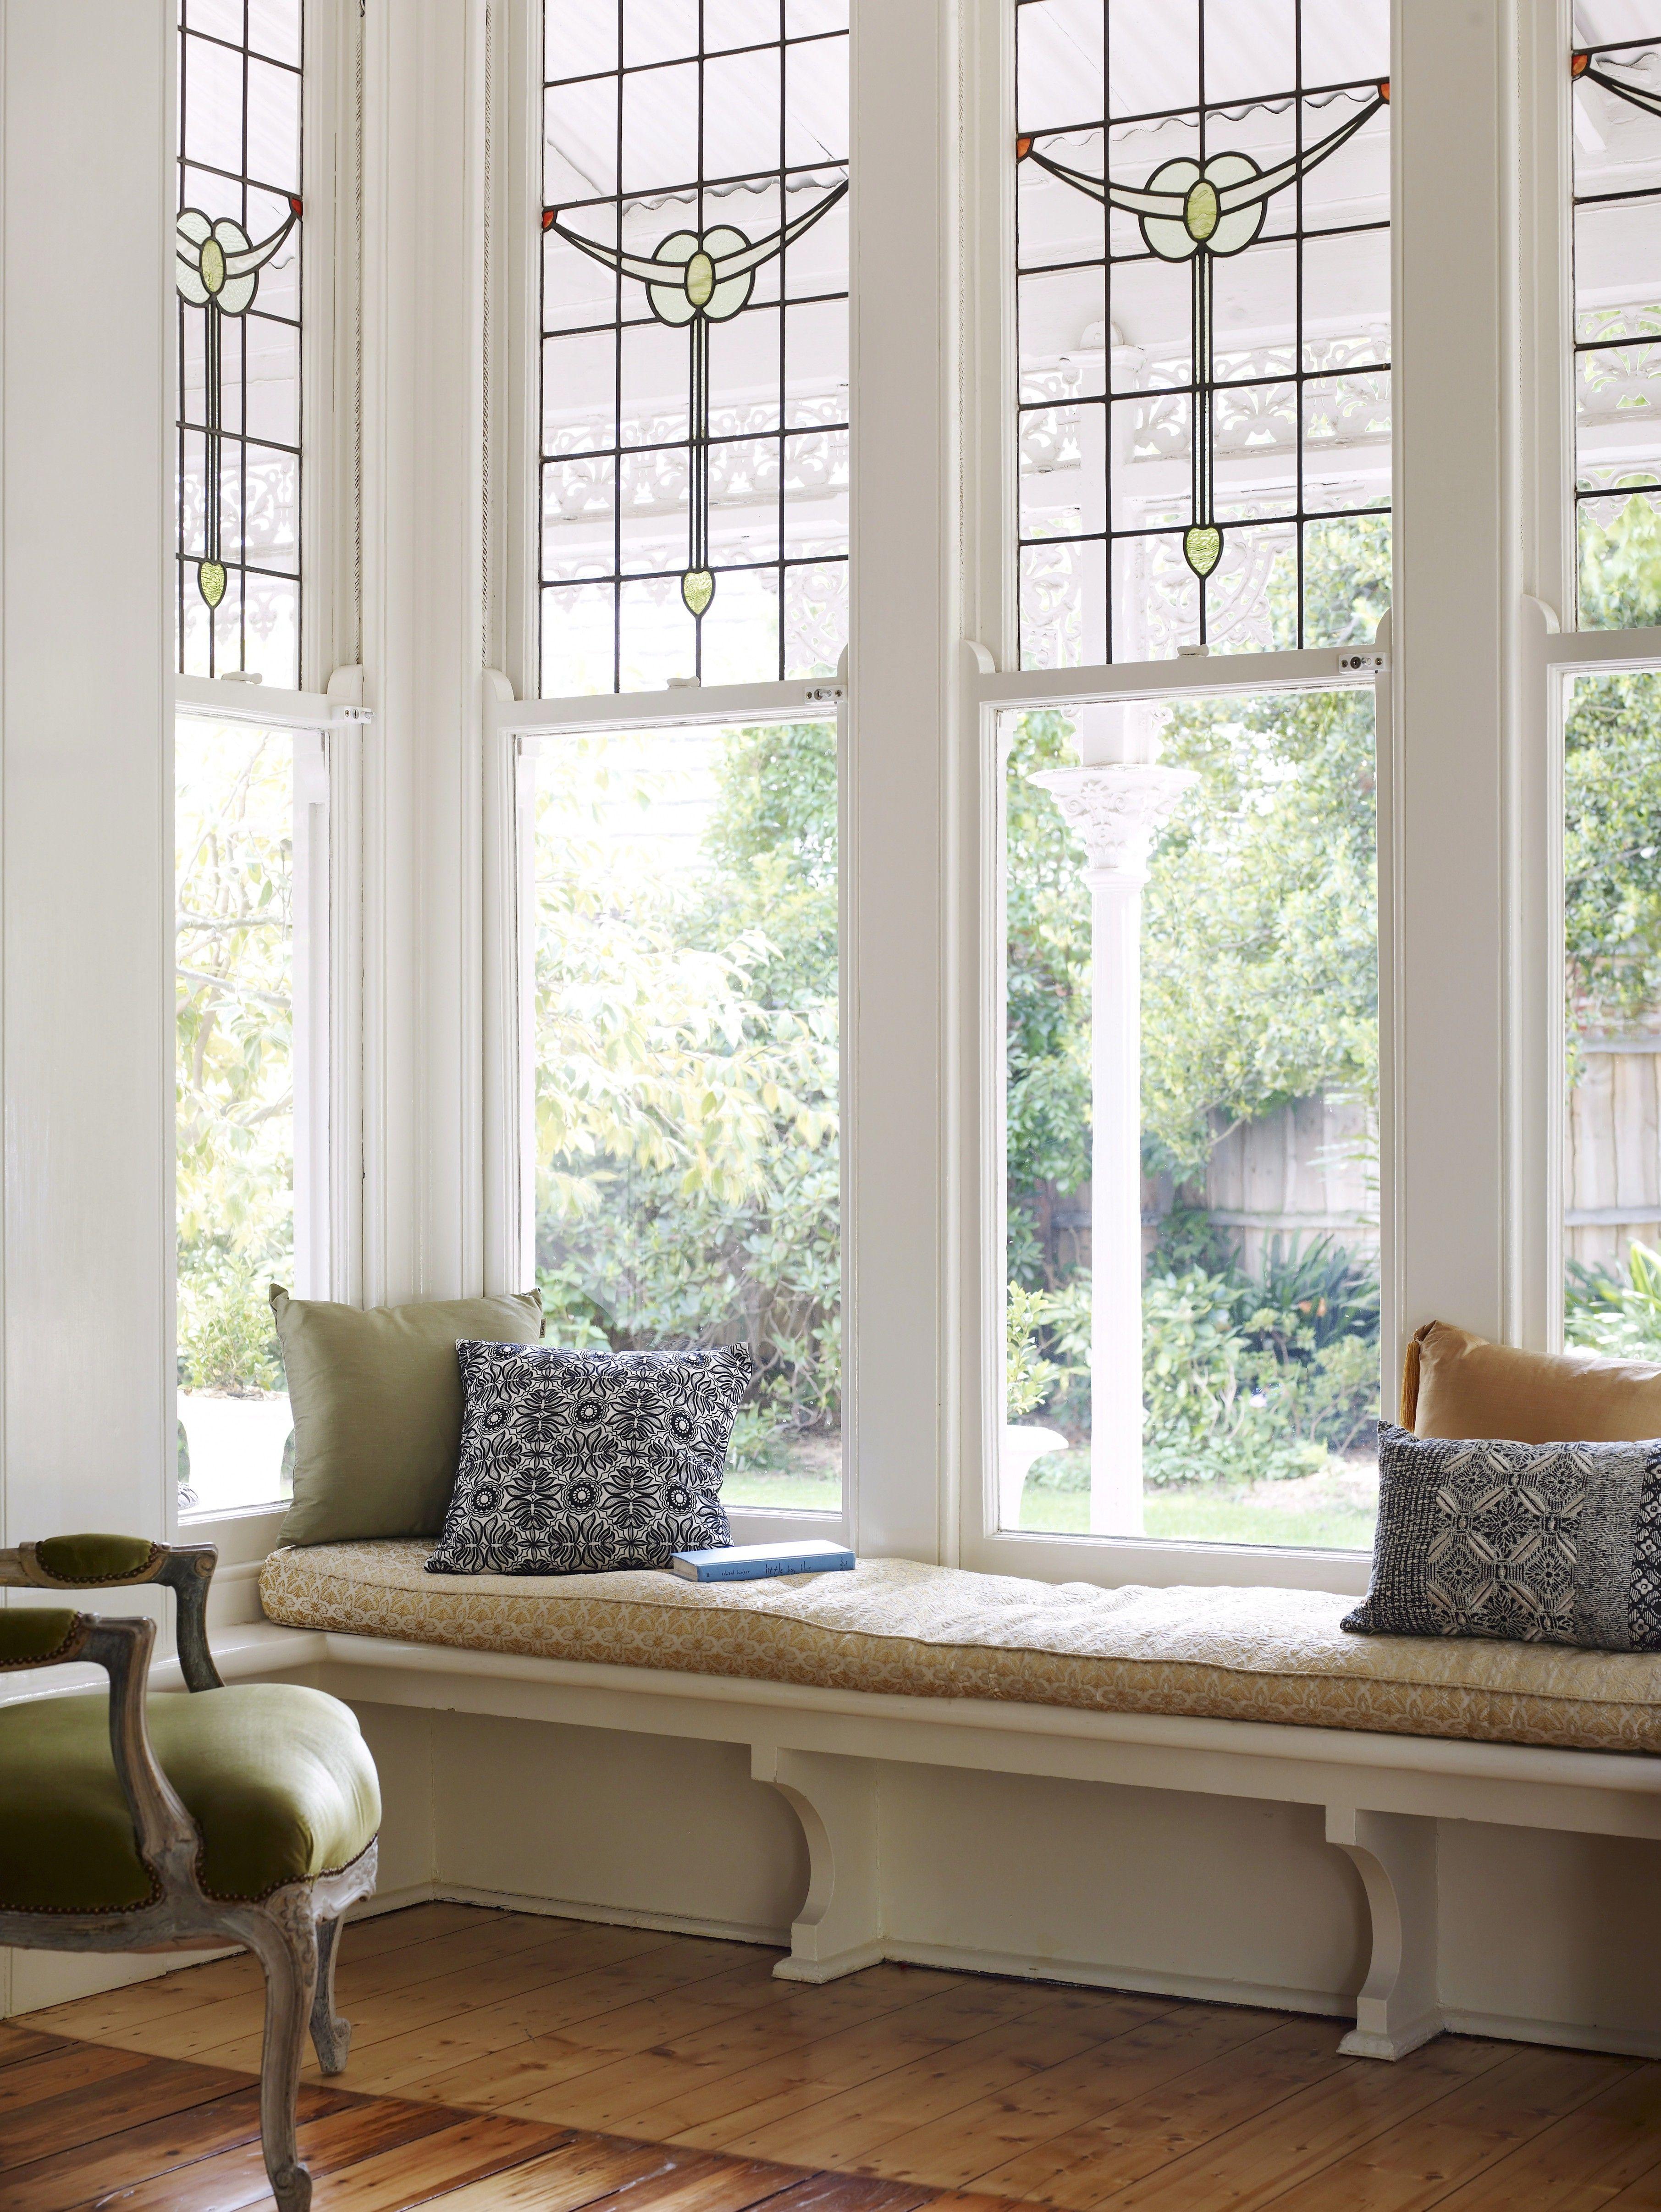 Fensterbänke dekorieren 11 StyleTricks und Ideen